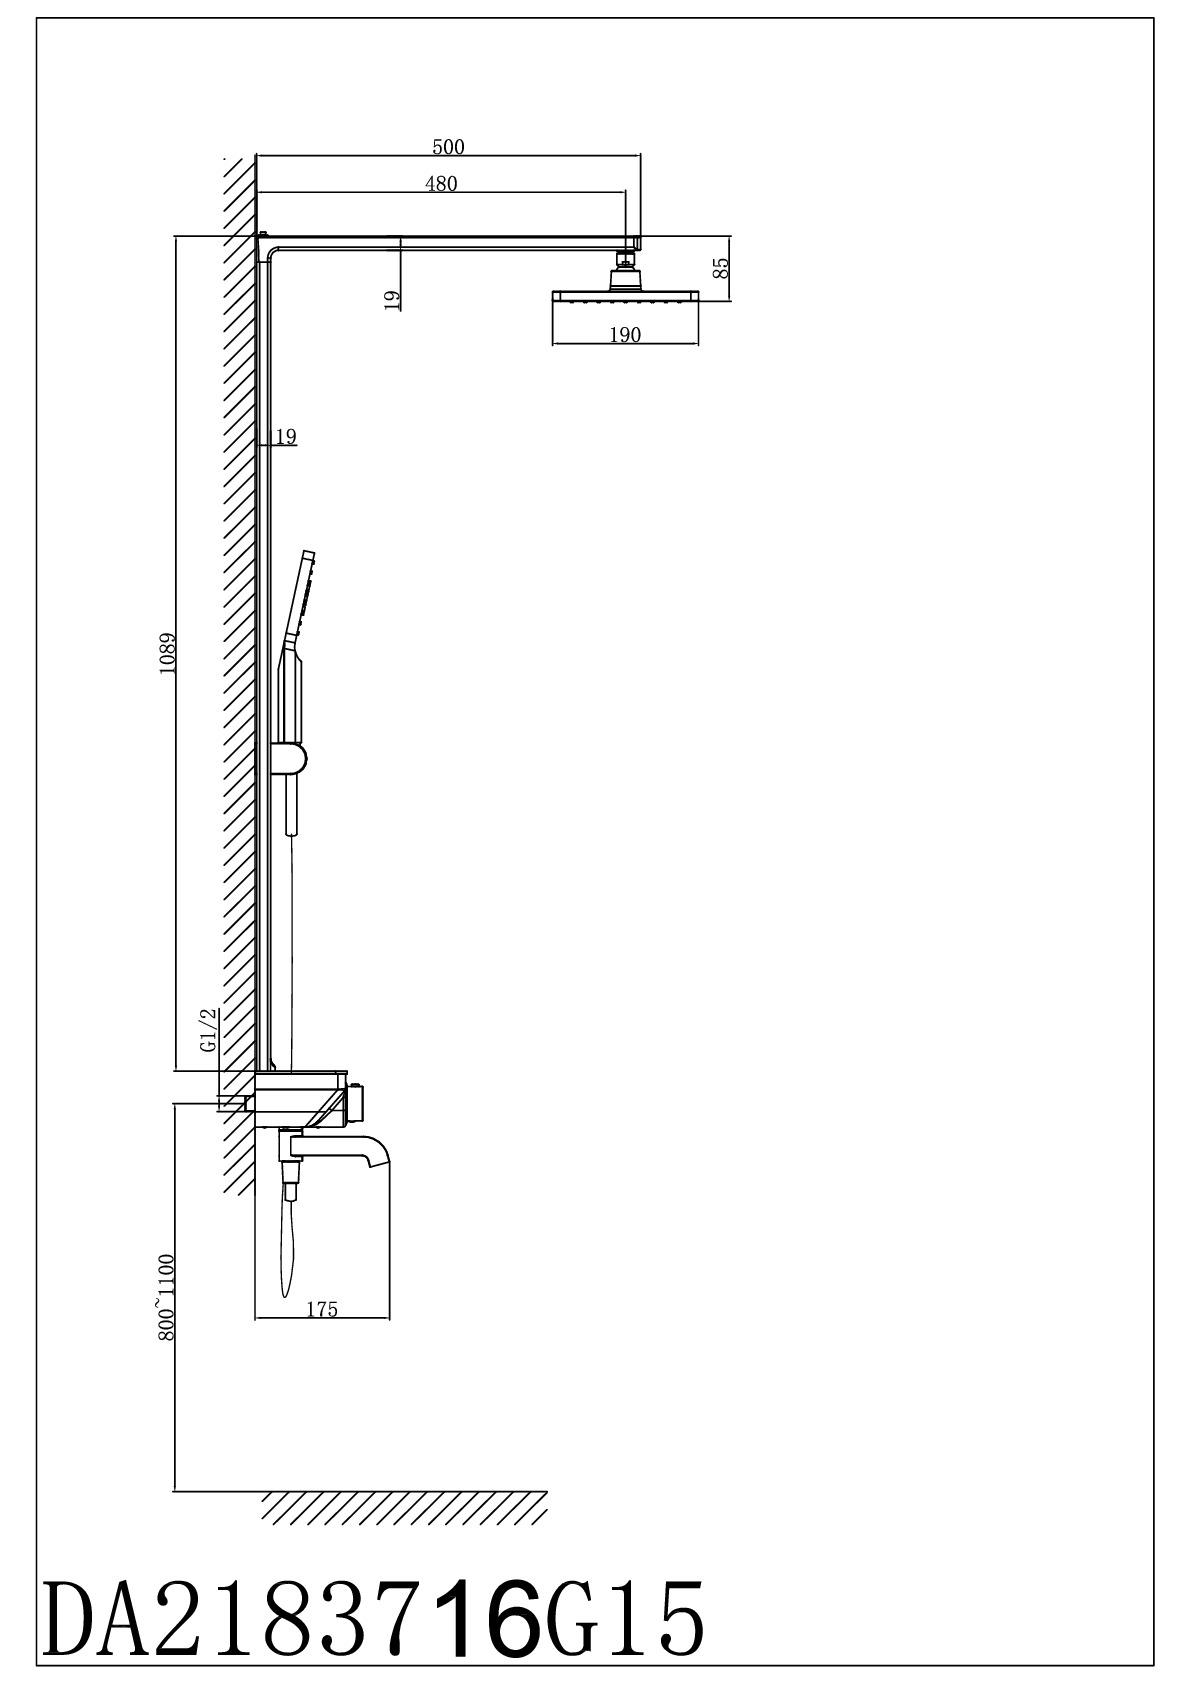 Душевая система D&K Bayern.Potsdam DA2183716G15 с термостатом хром